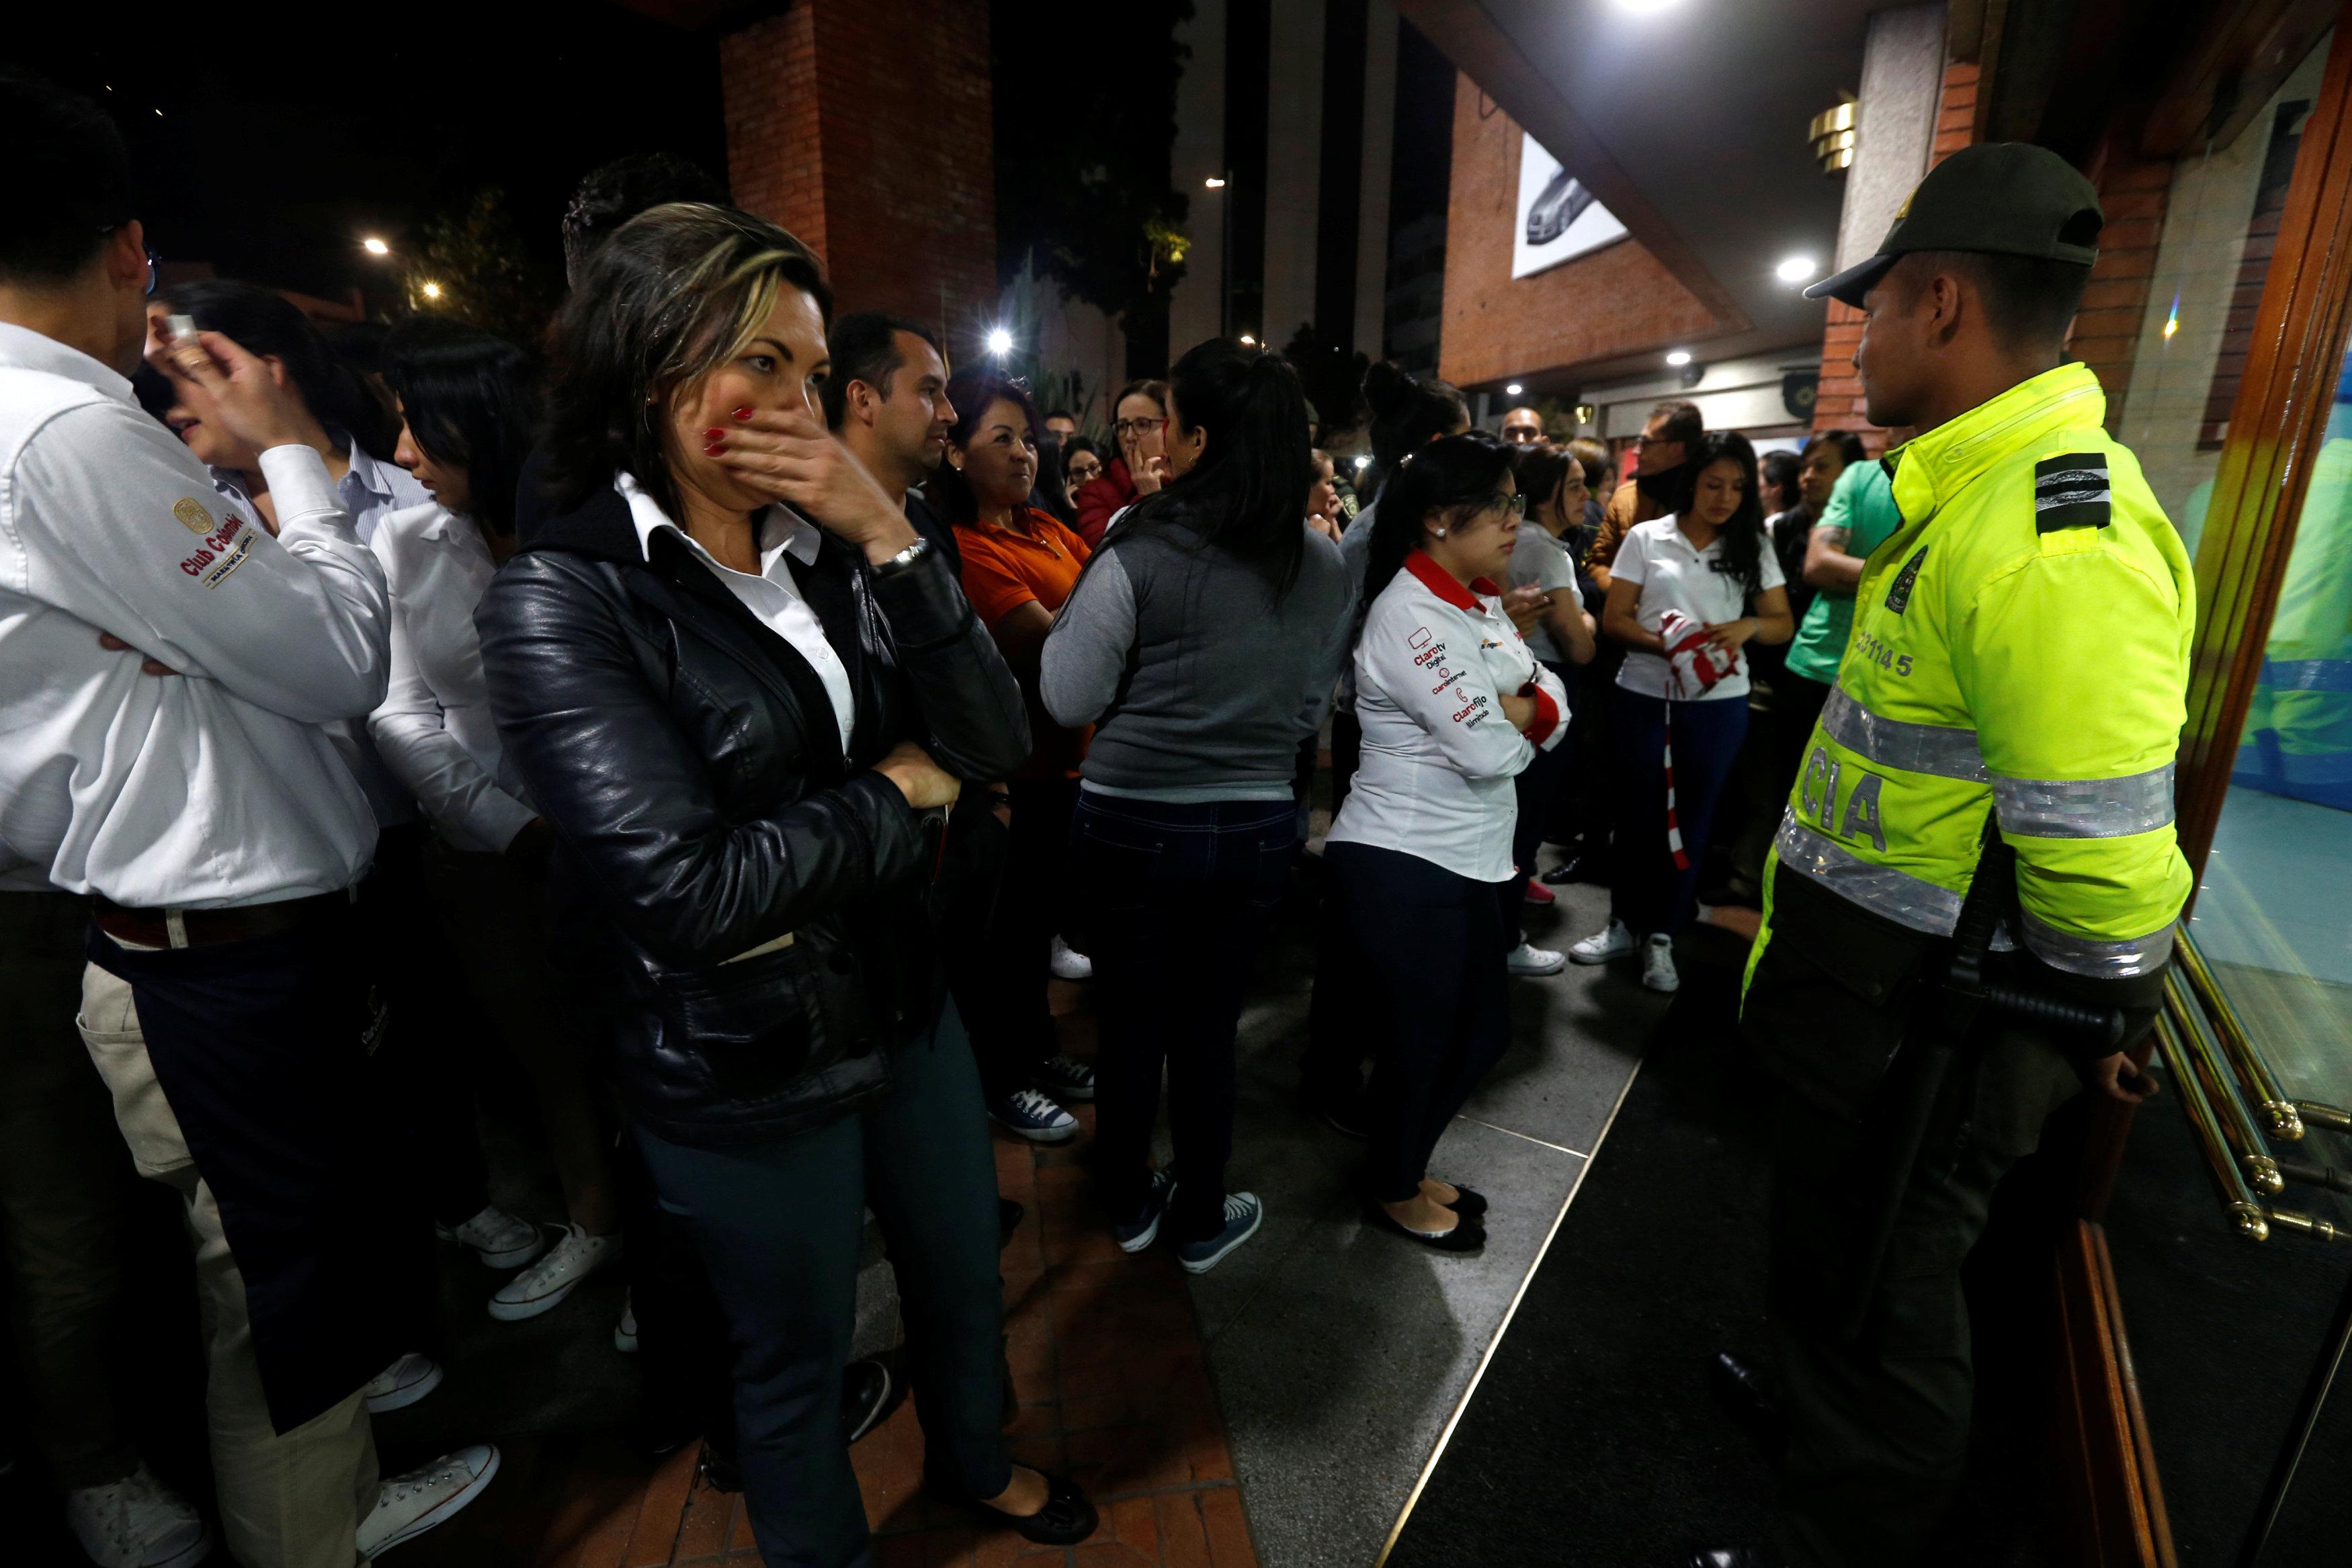 Personas afuera del centro comercial. (REUTERS/Jaime Saldarriaga)